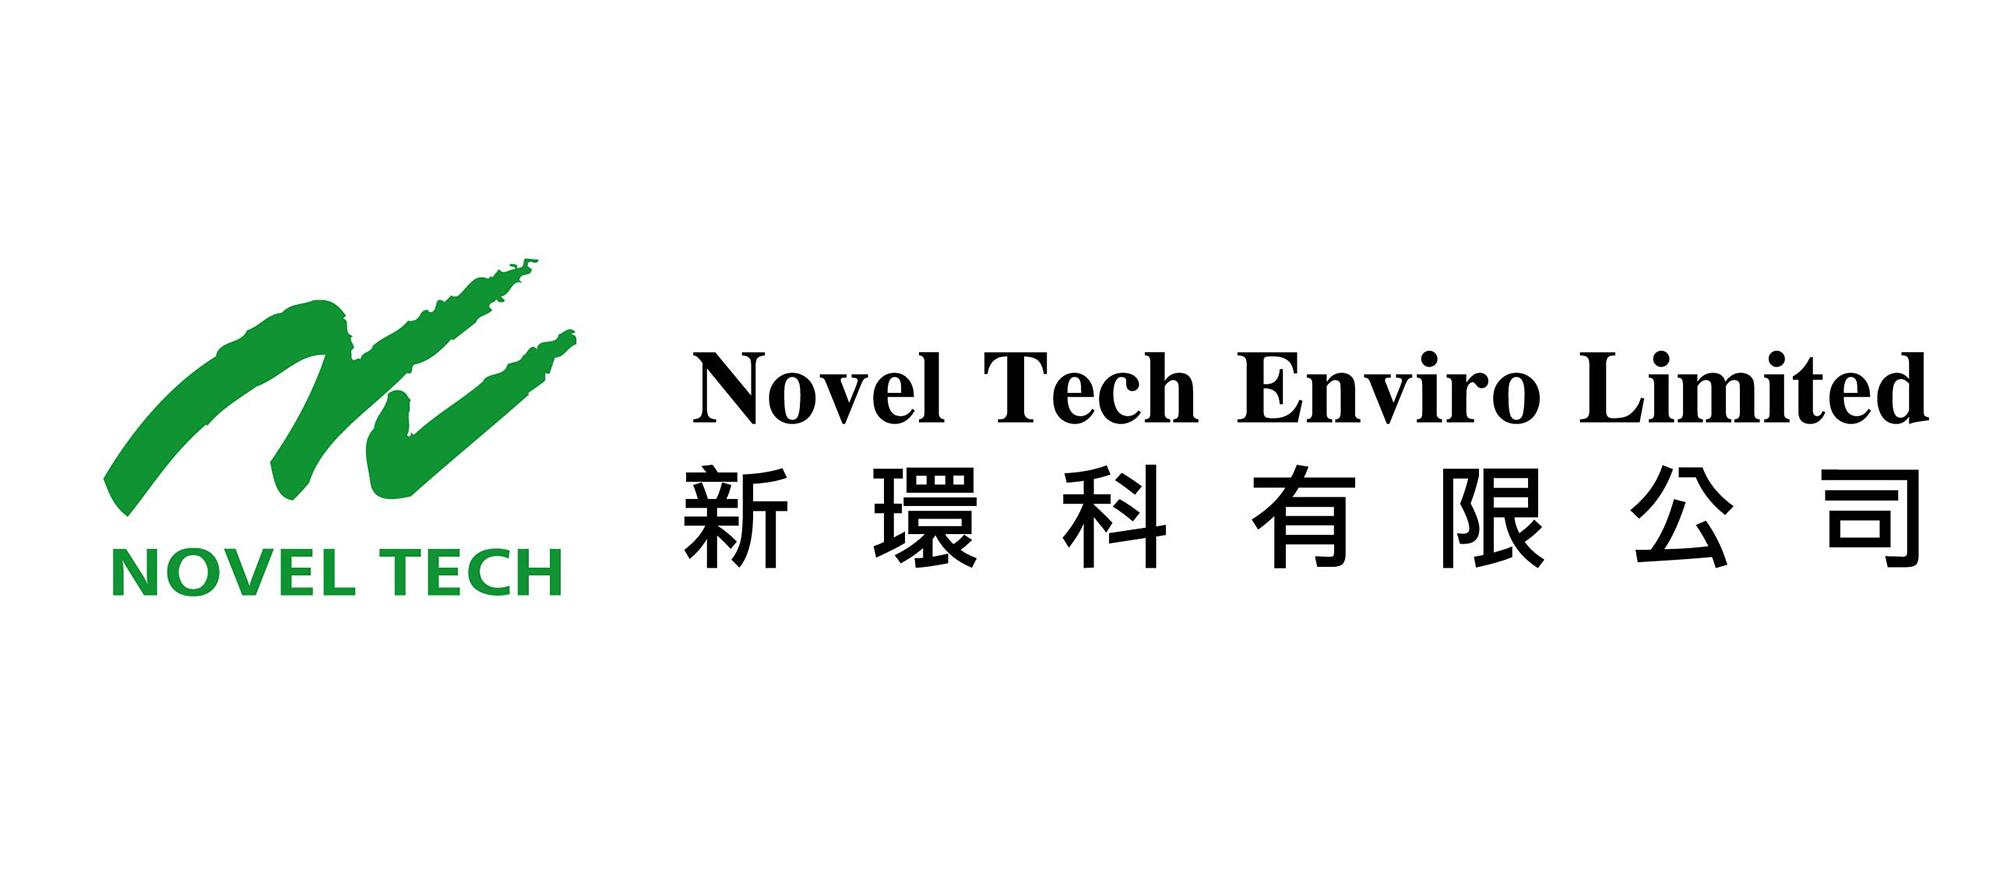 新環科有限公司,環保公司,打造優質健康生活環境,,新環科,環保產品,長效抗菌,健康安心